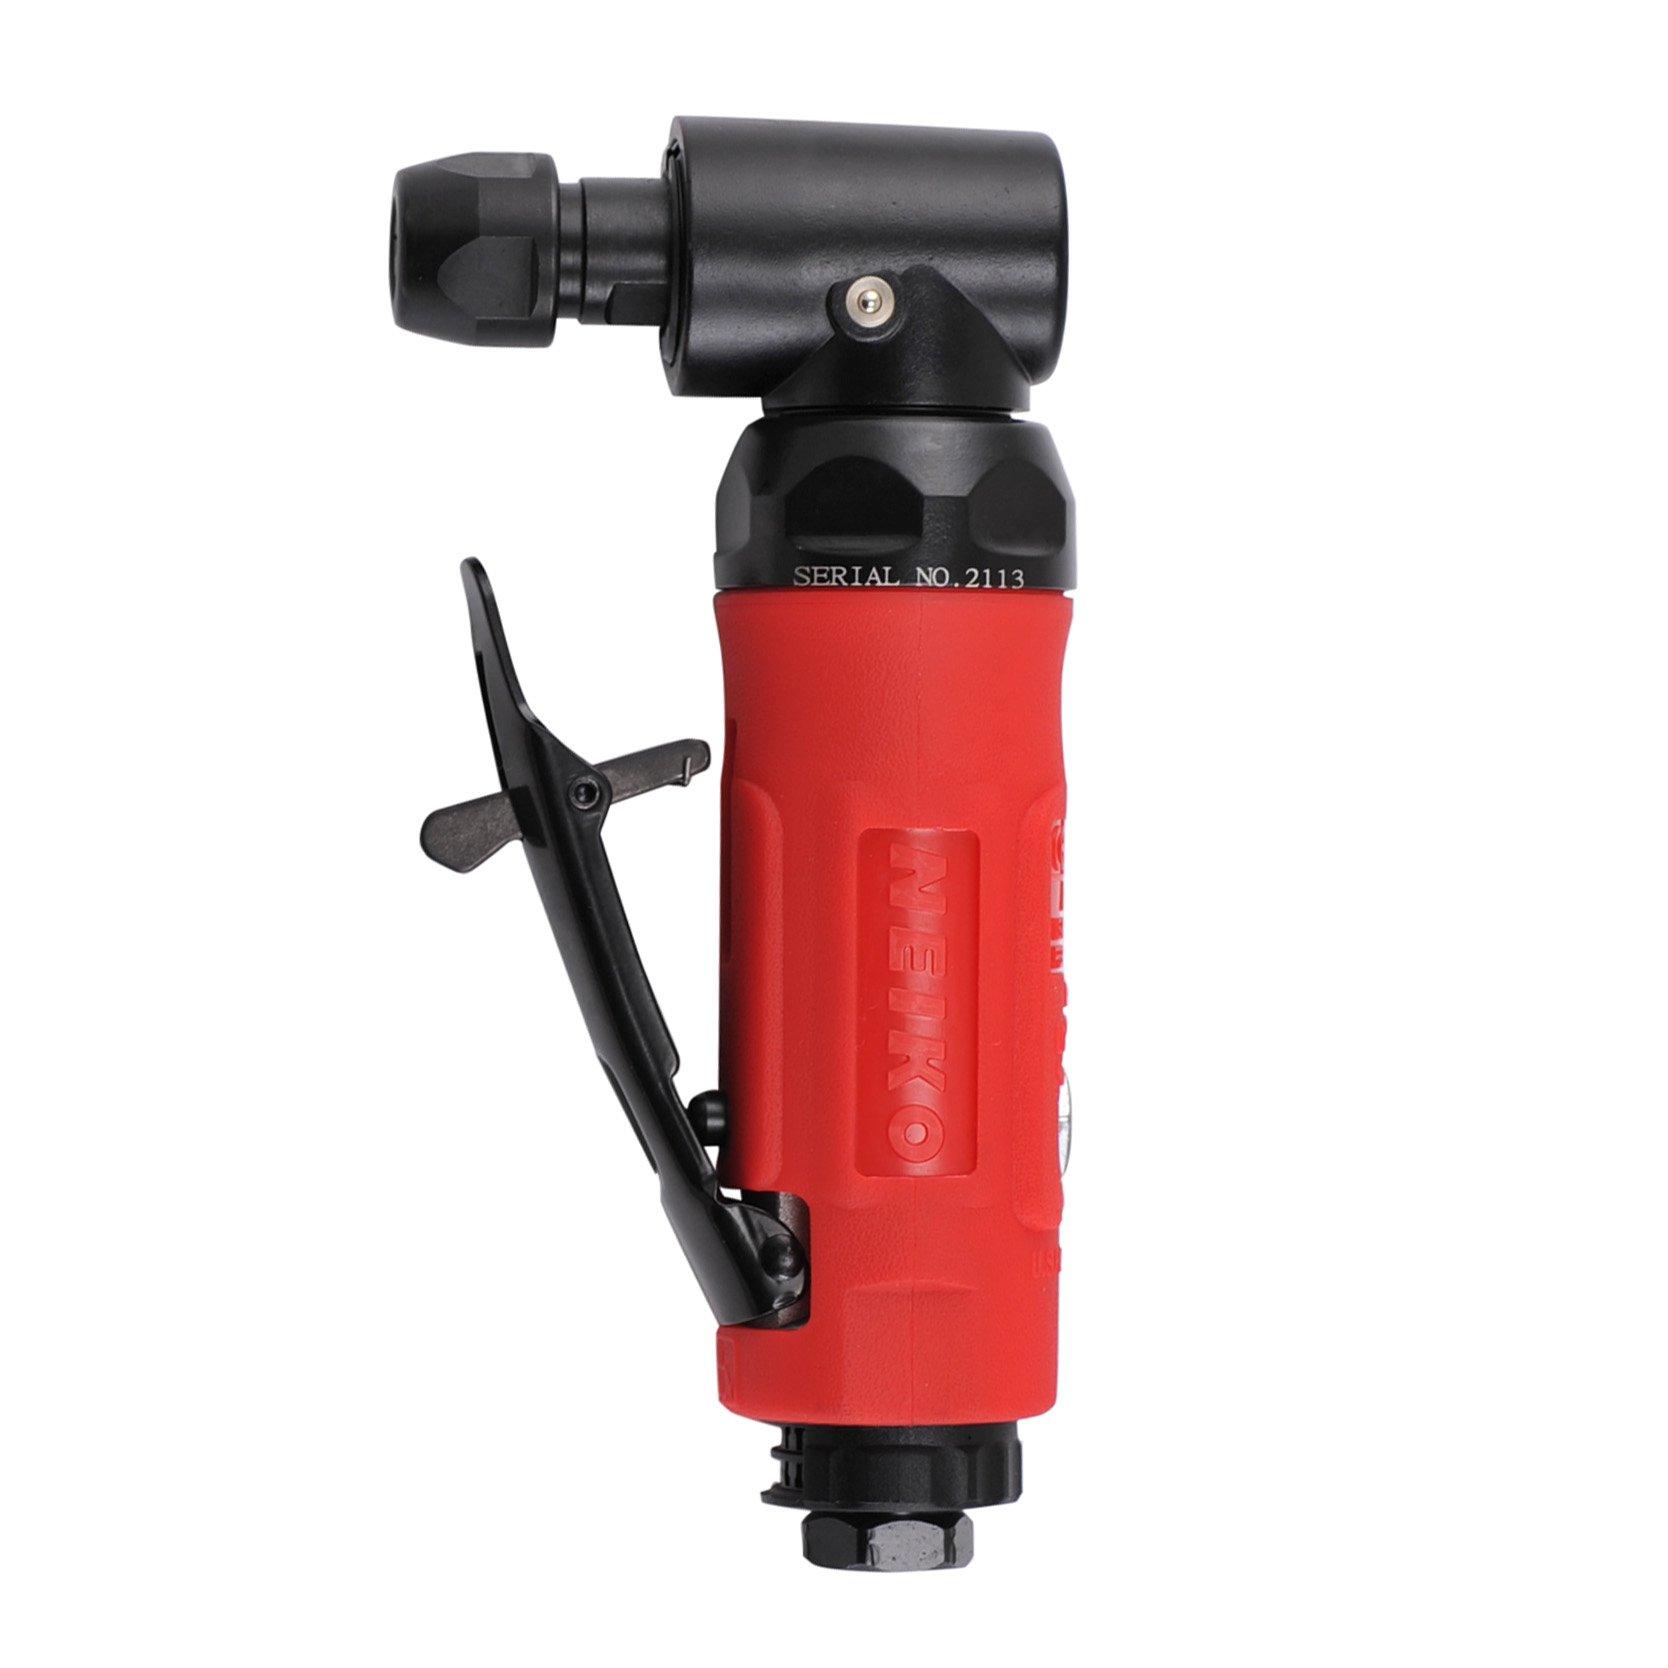 Neiko 30109B Grinder Exhaust Locking